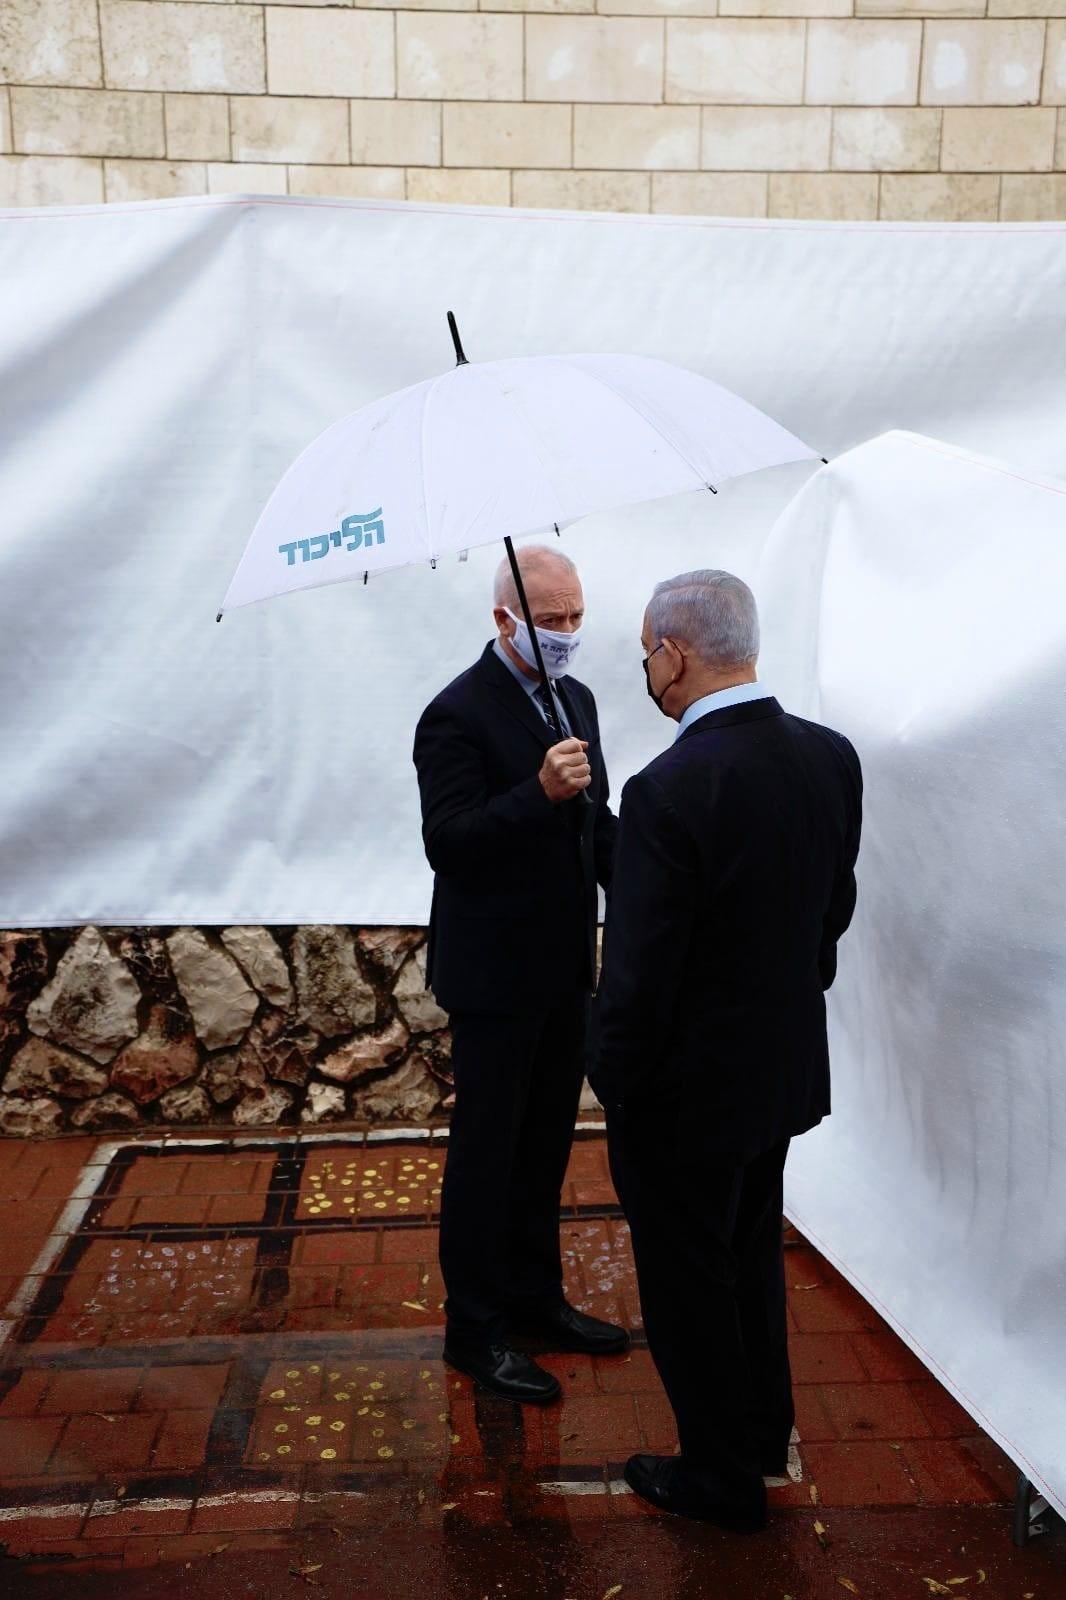 הפעולה האחרונה של השר גלנט: לשלול את פרס ישראל מפרופ' גולדרייך